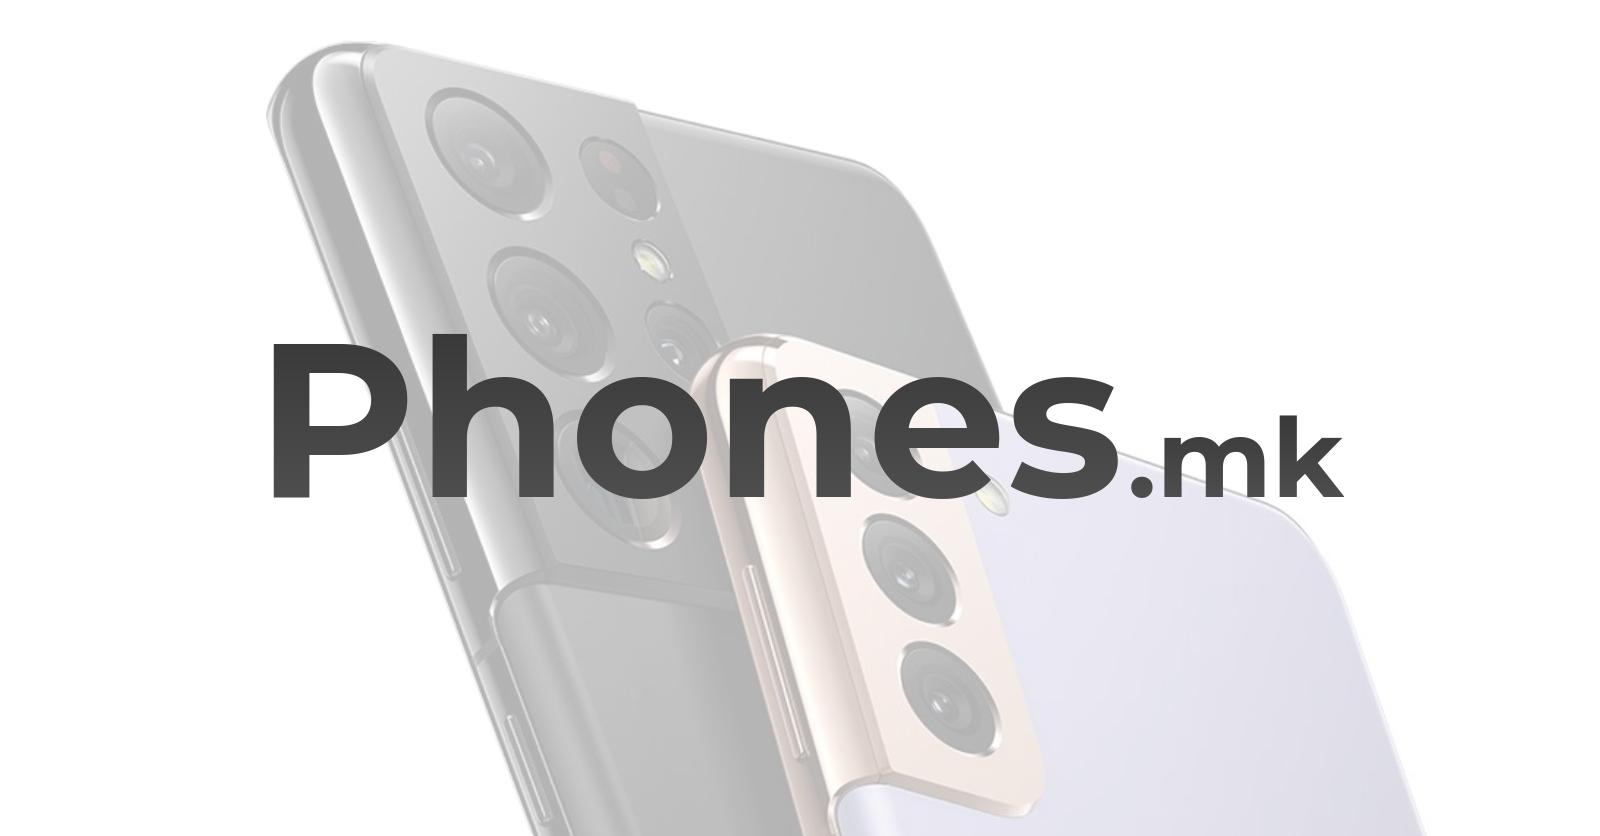 phones.mk